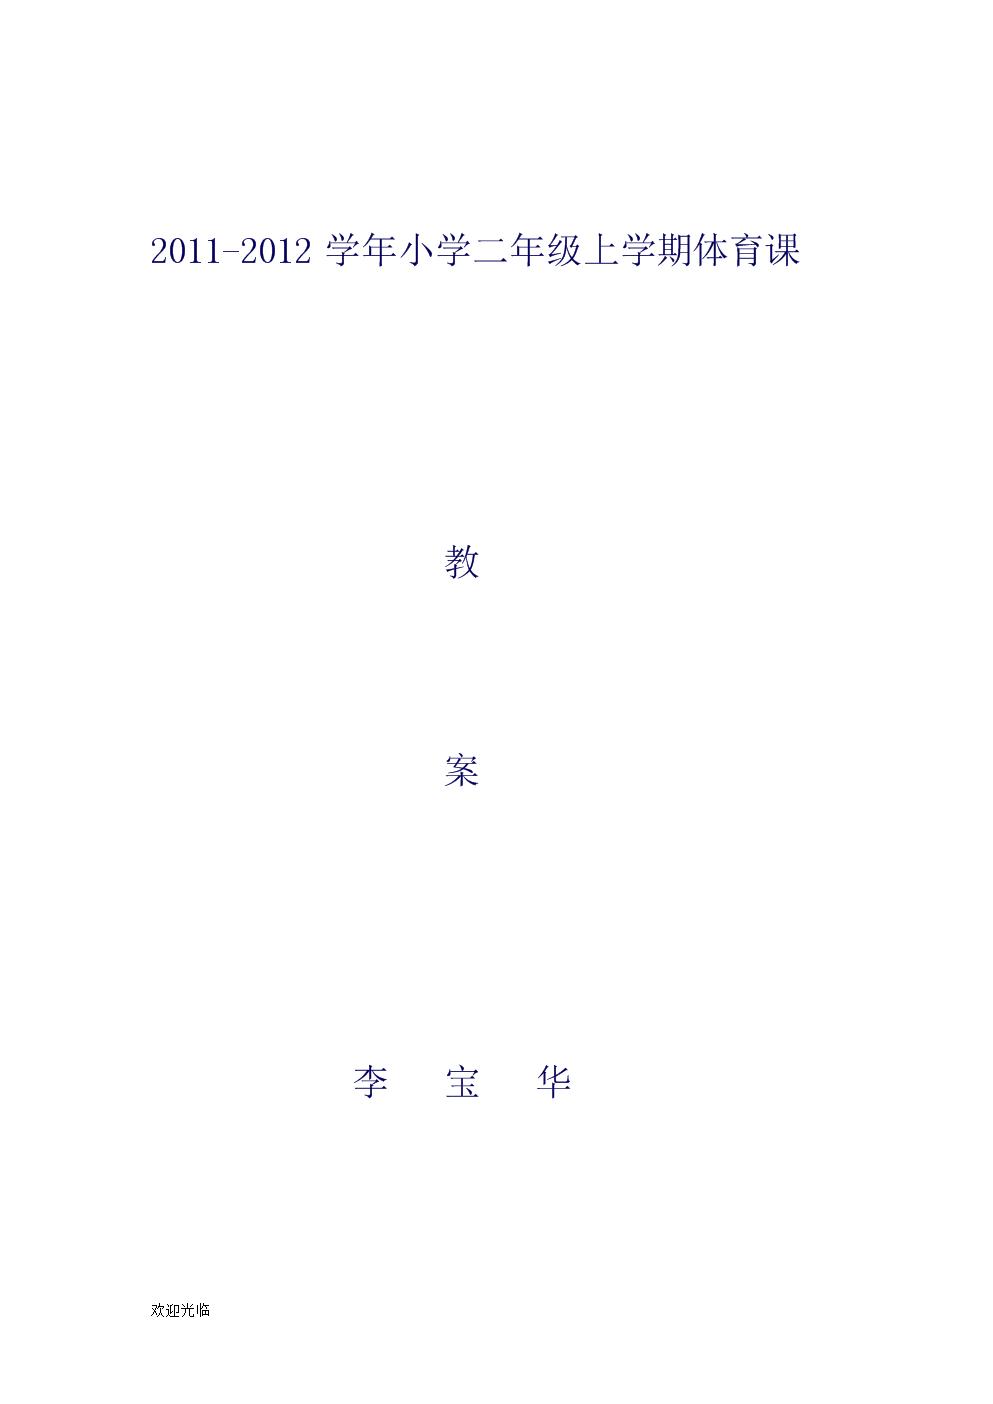 小学二年级体育课教案全集【精选】.doc